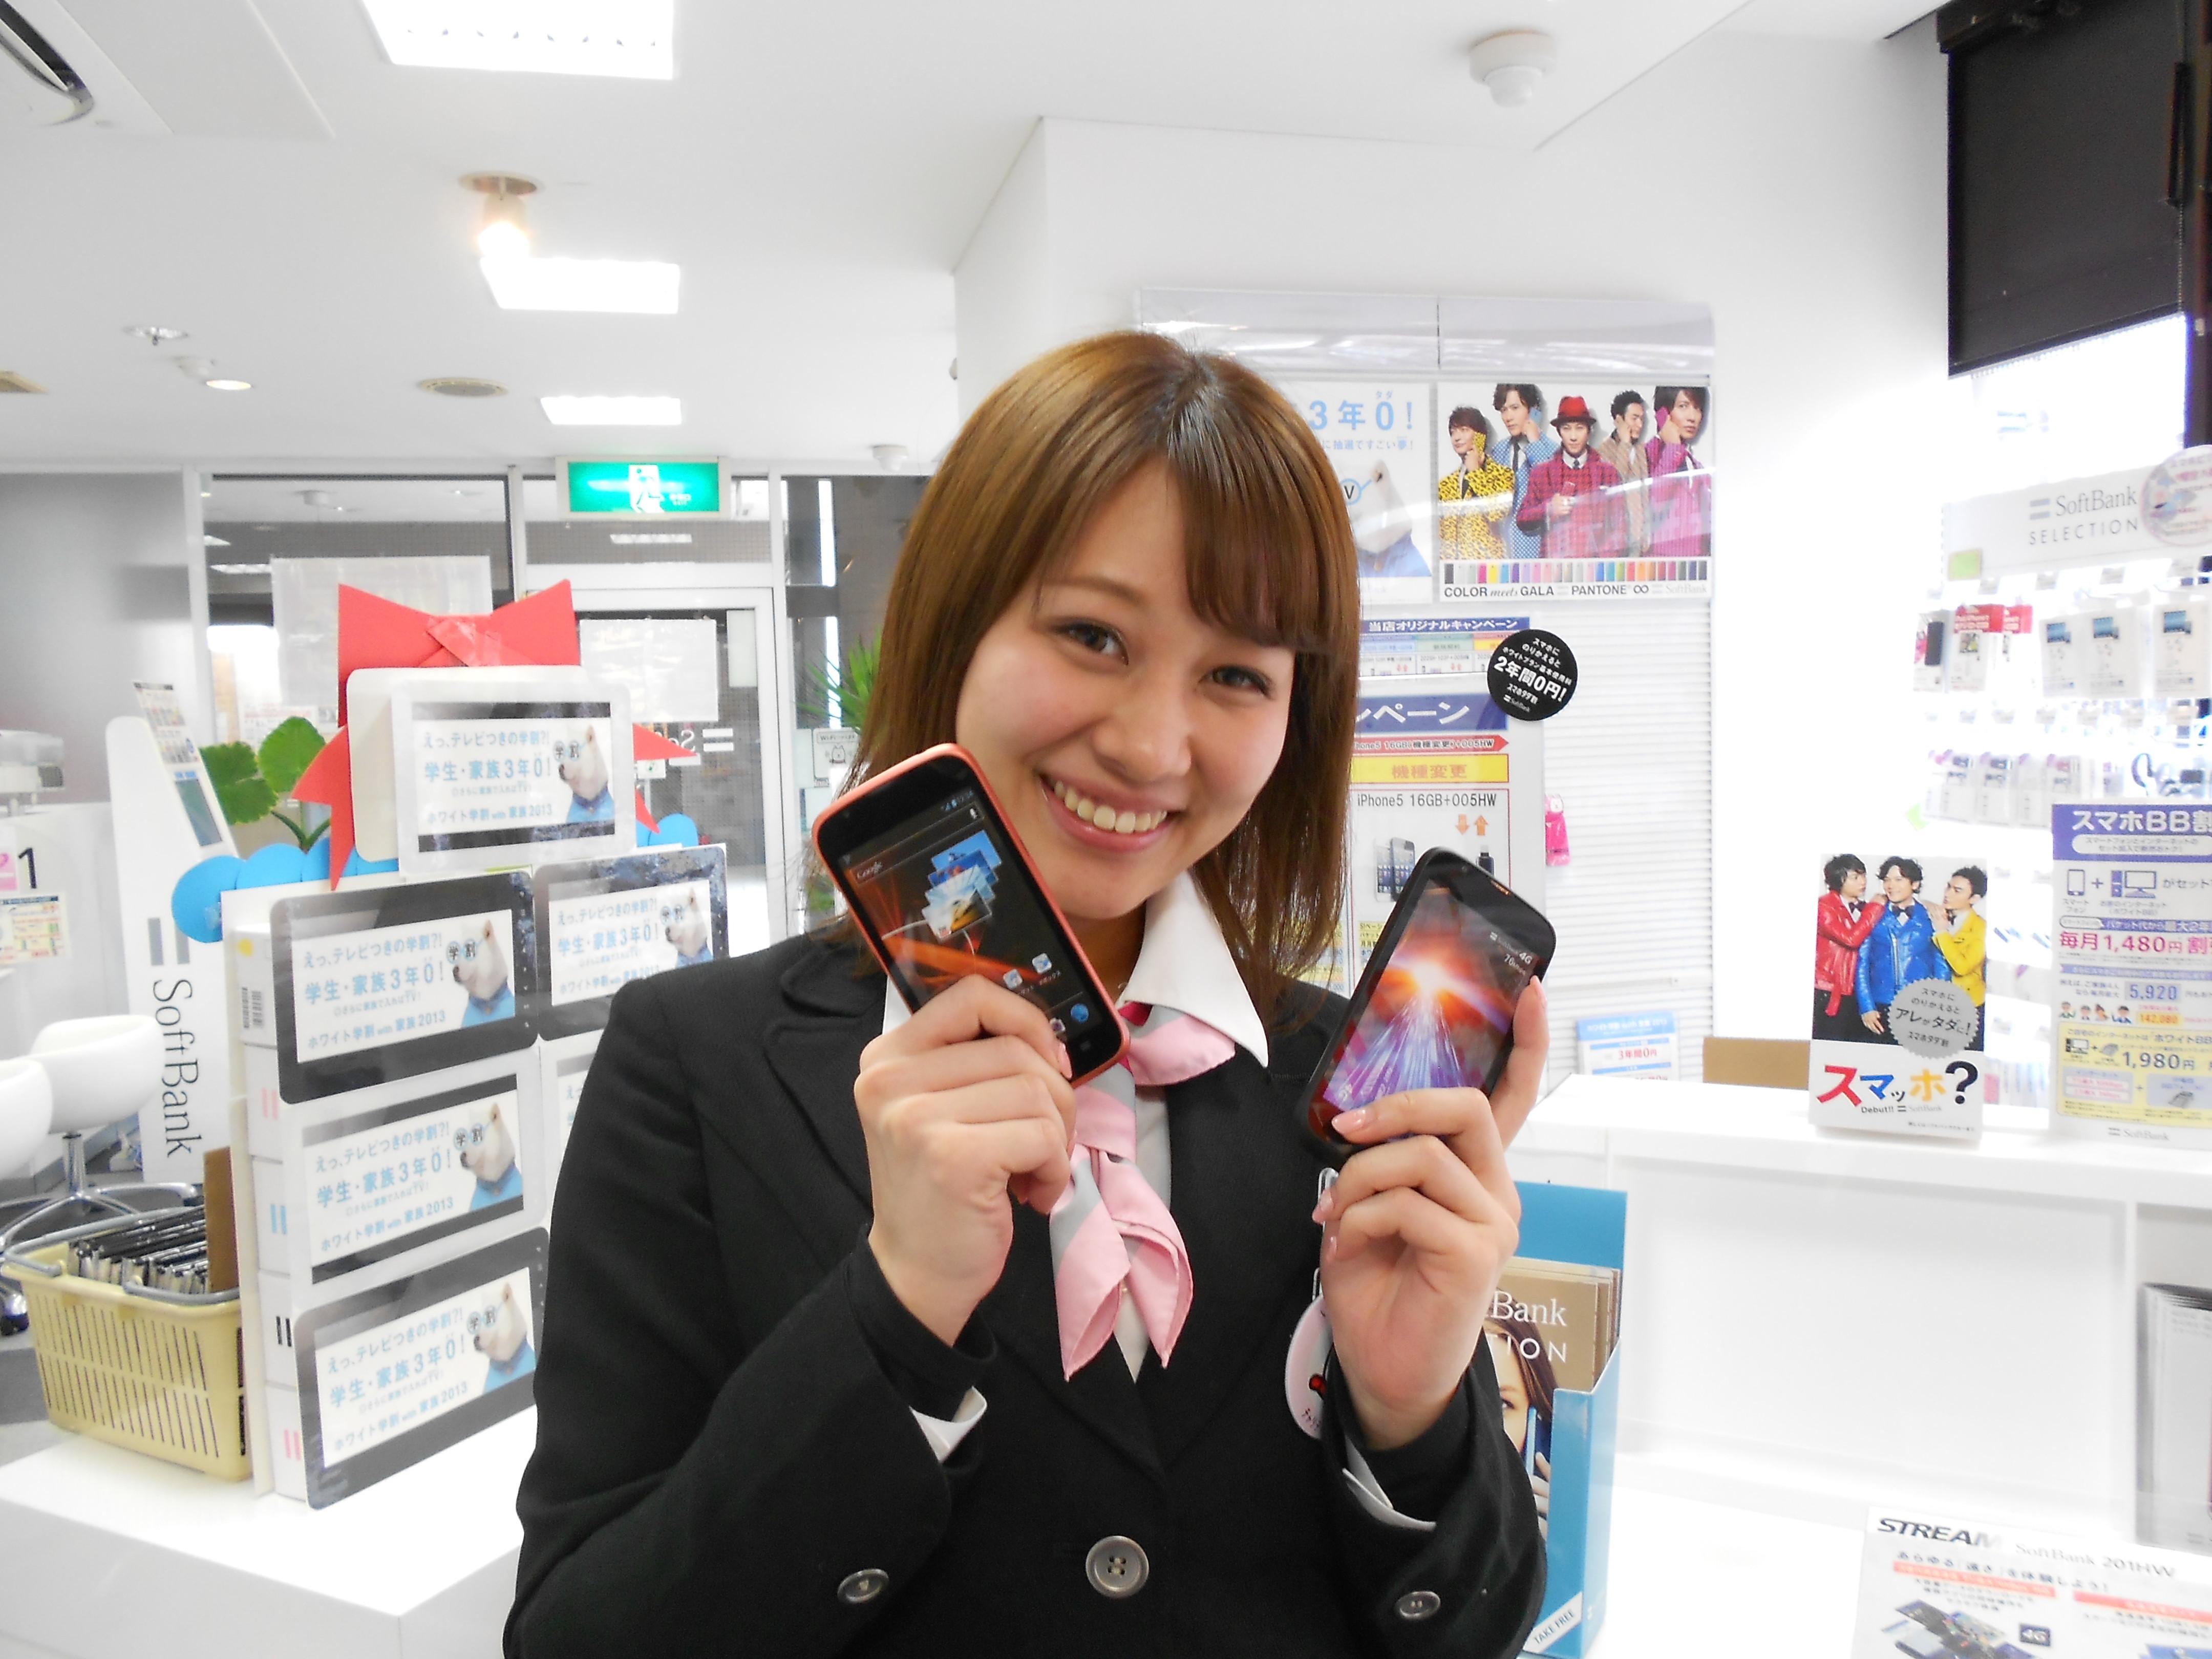 ソフトバンク 駒沢大学駅前(株式会社シエロ)のアルバイト情報